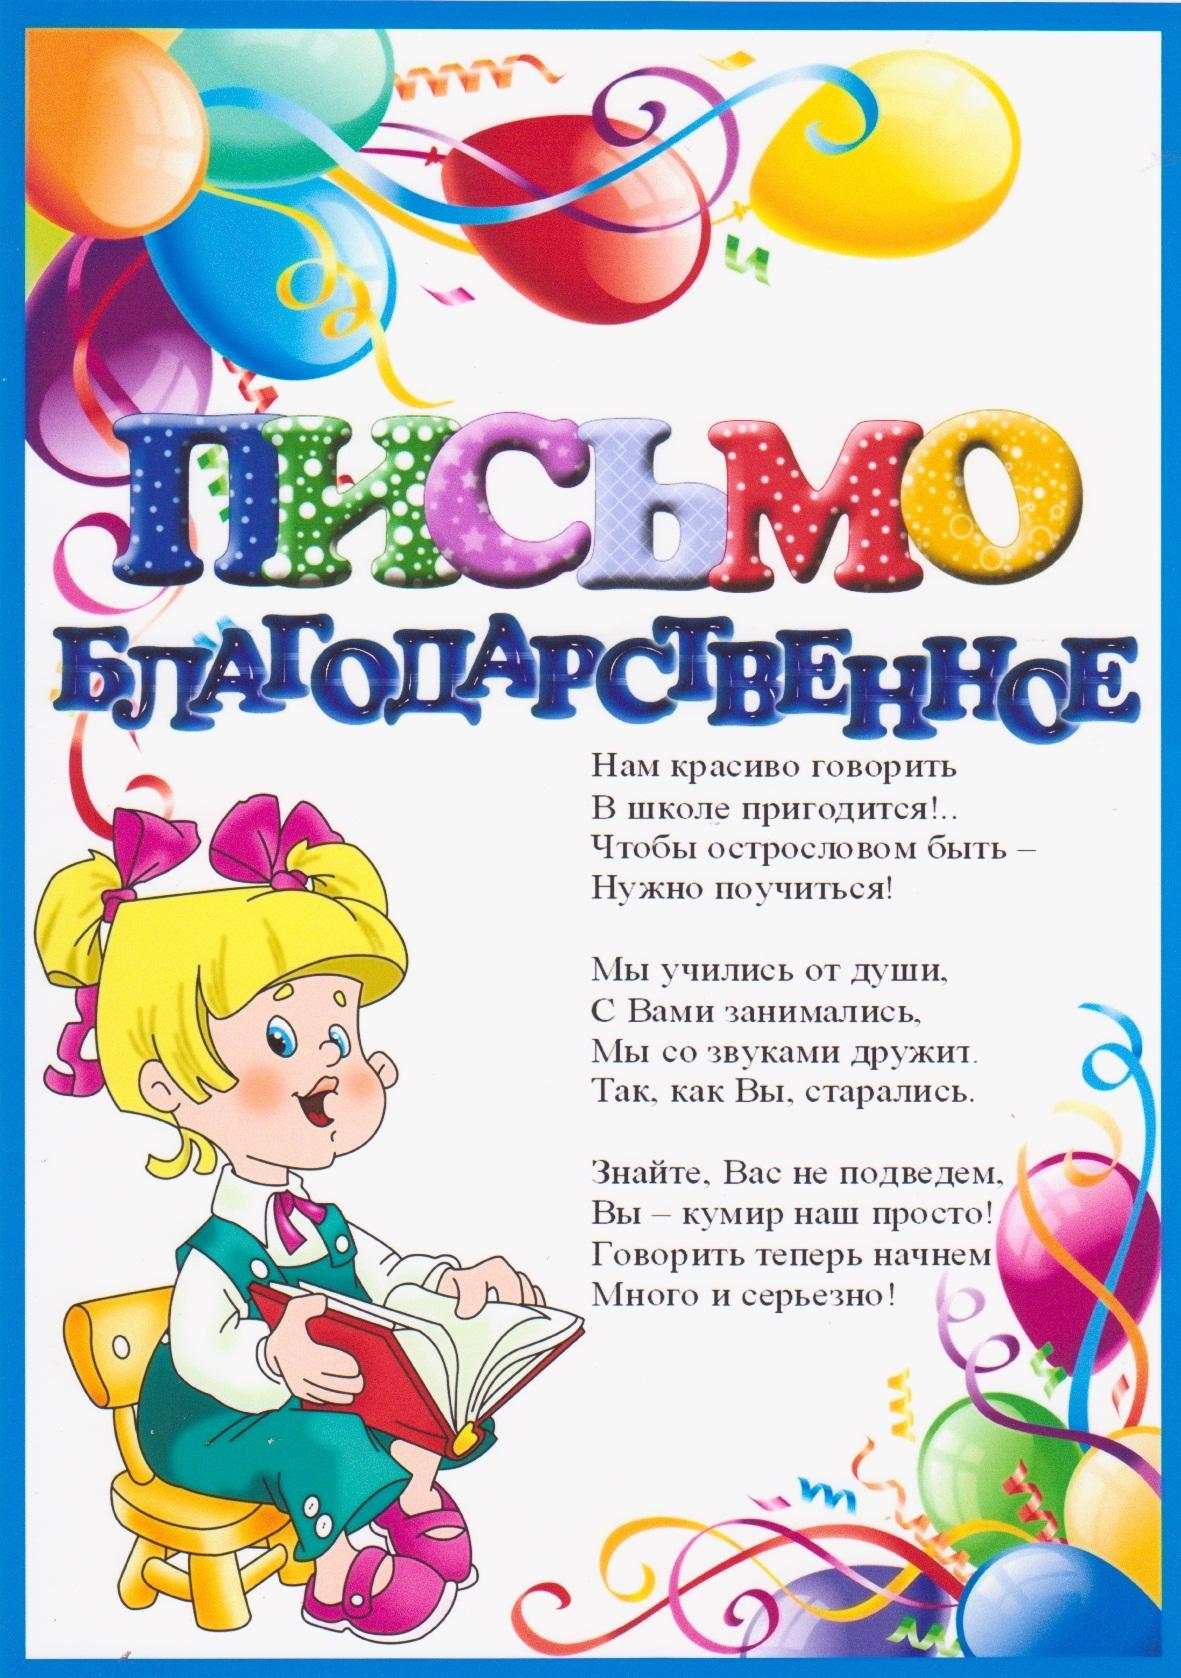 Поздравления логопед детского сада